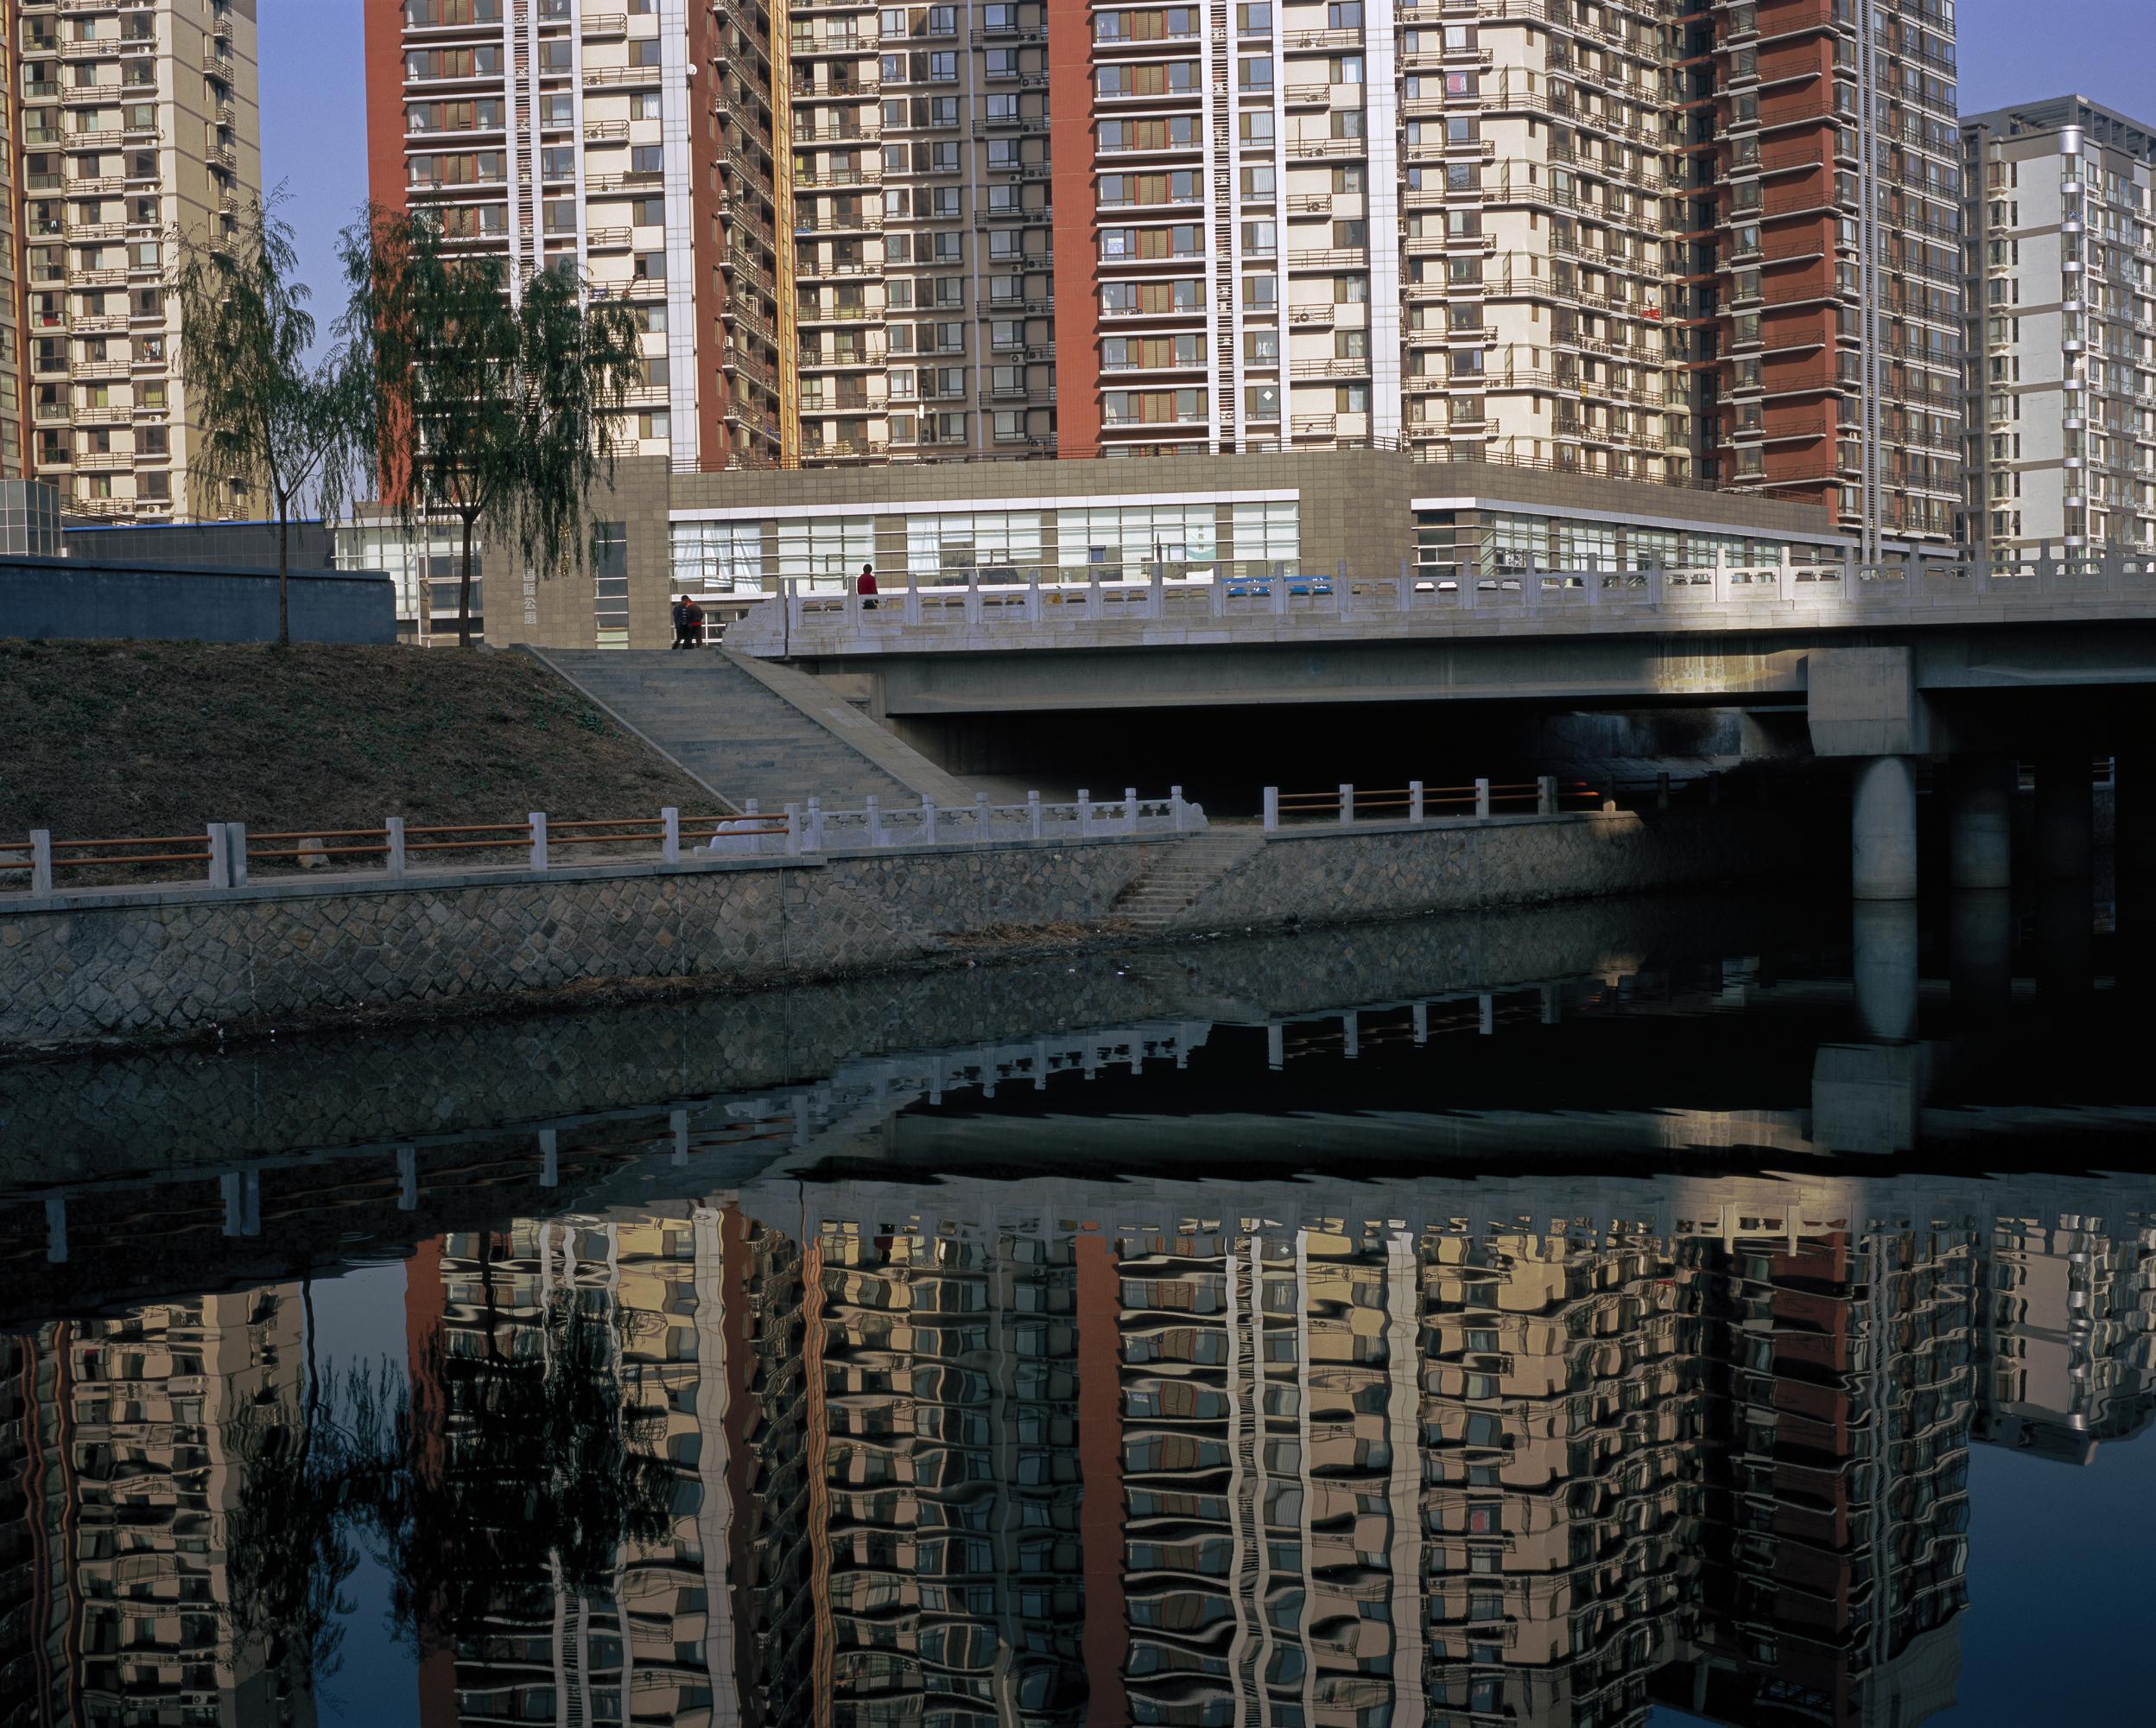 High-rise Apartments (2009)